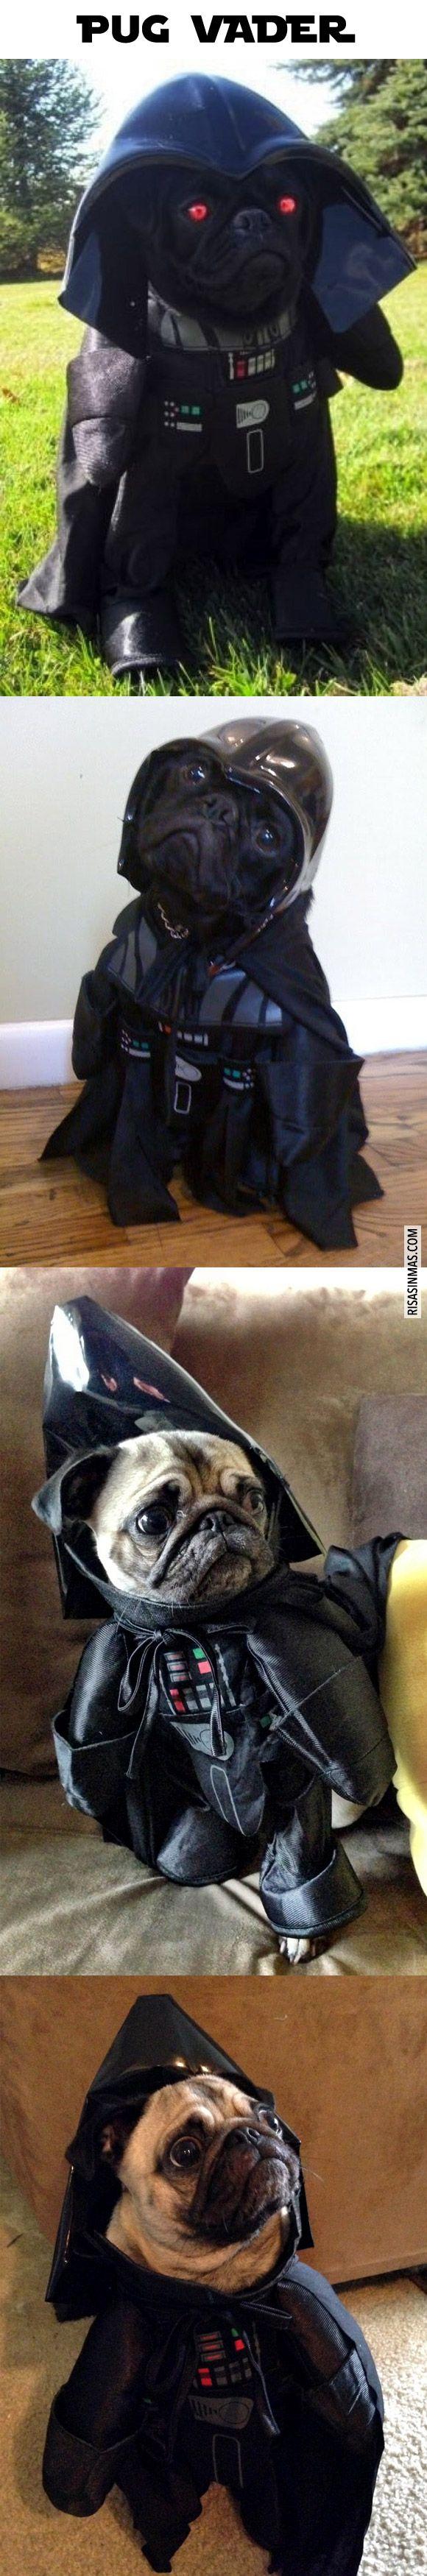 Recopilación de fotografías de pugs disfrazados de Darth Vader.